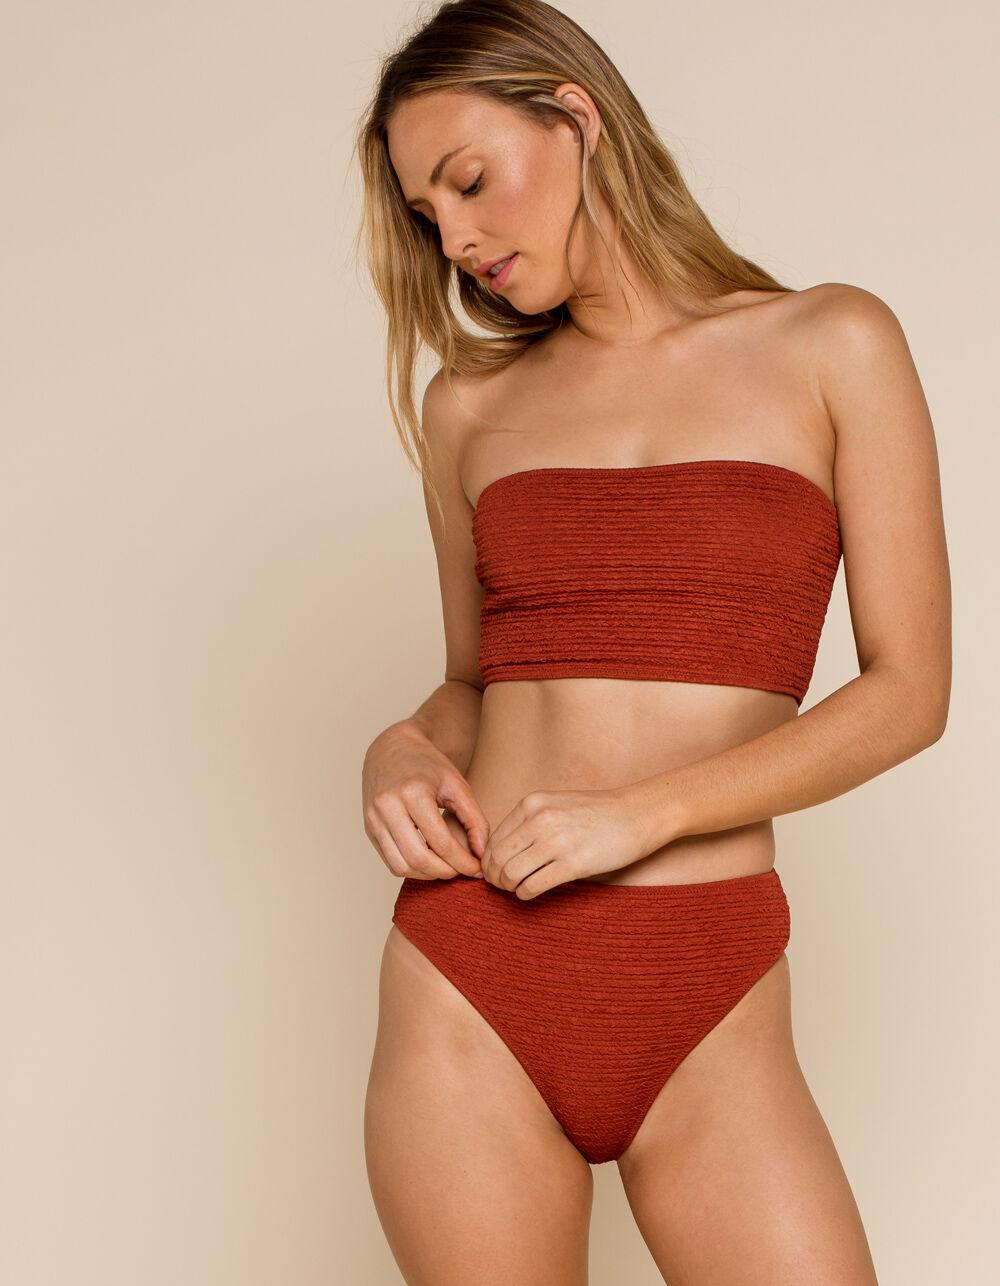 WEST OF MELROSE Heat Wave High Waist Bikini Bottoms